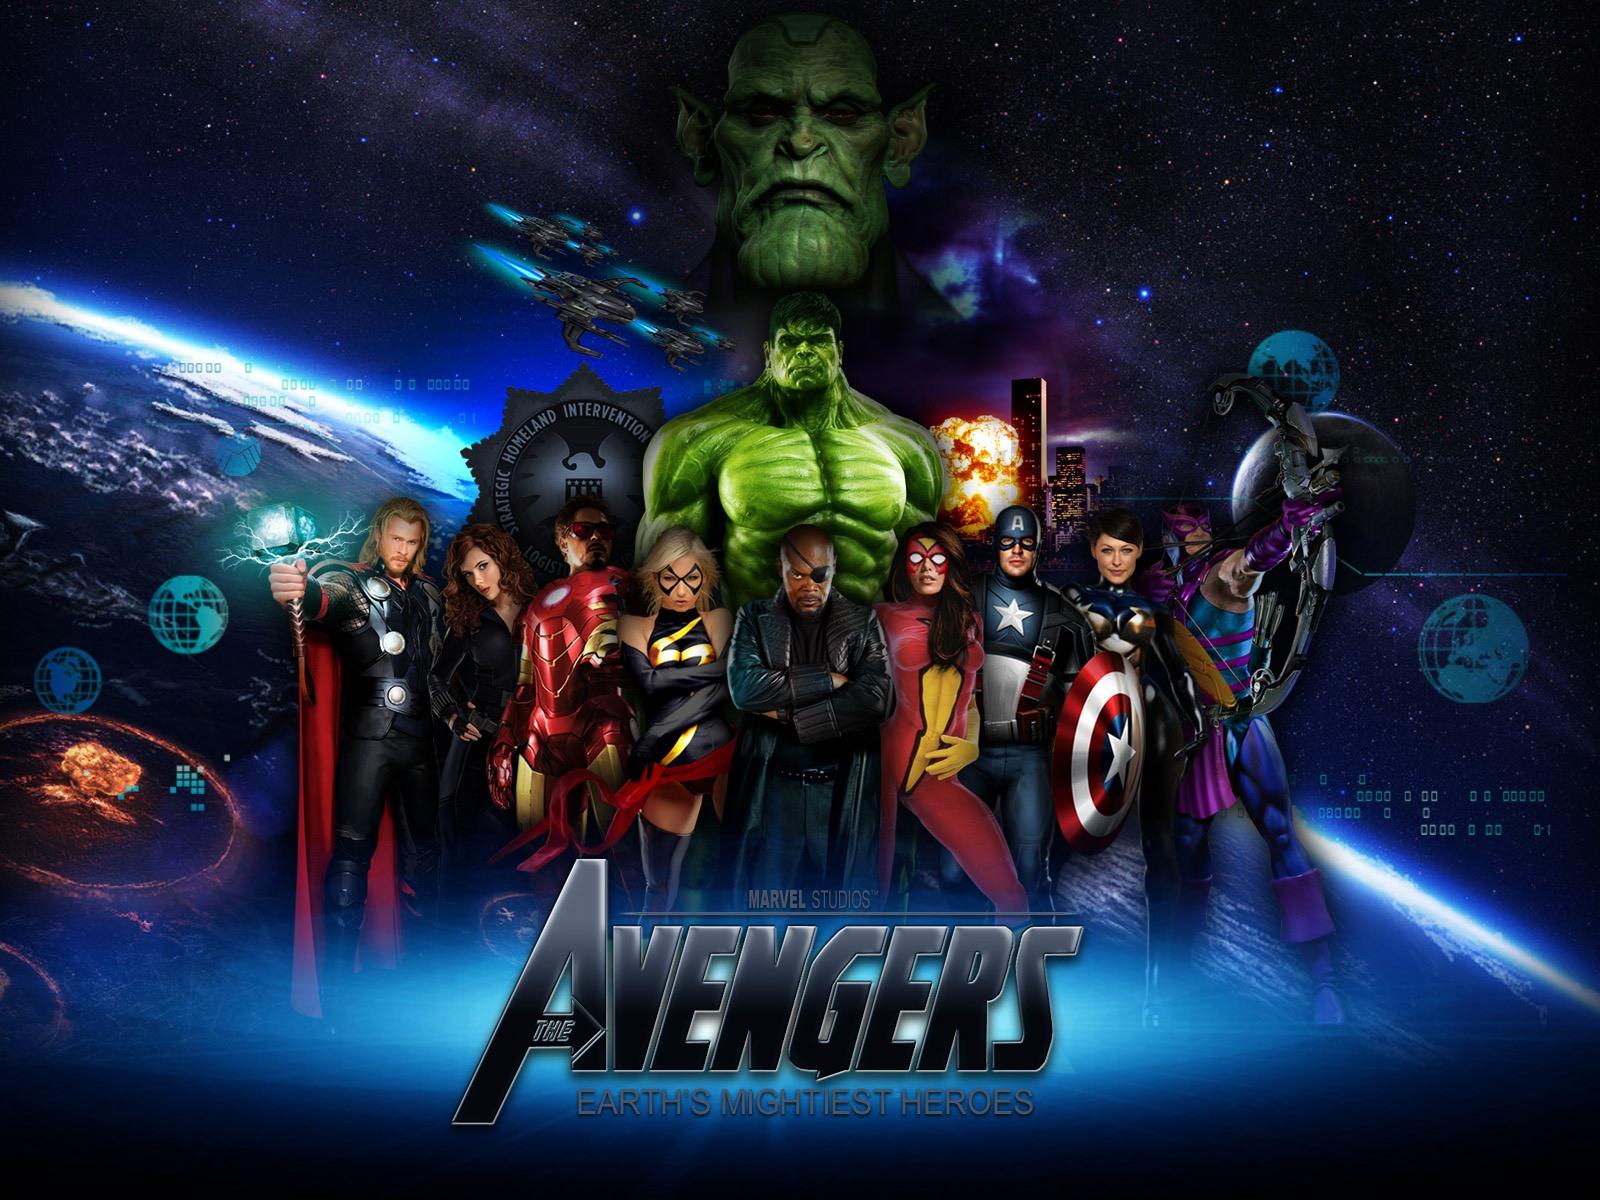 the avengers 2012 复仇者联盟2012 高清壁纸12 - 1600x1200